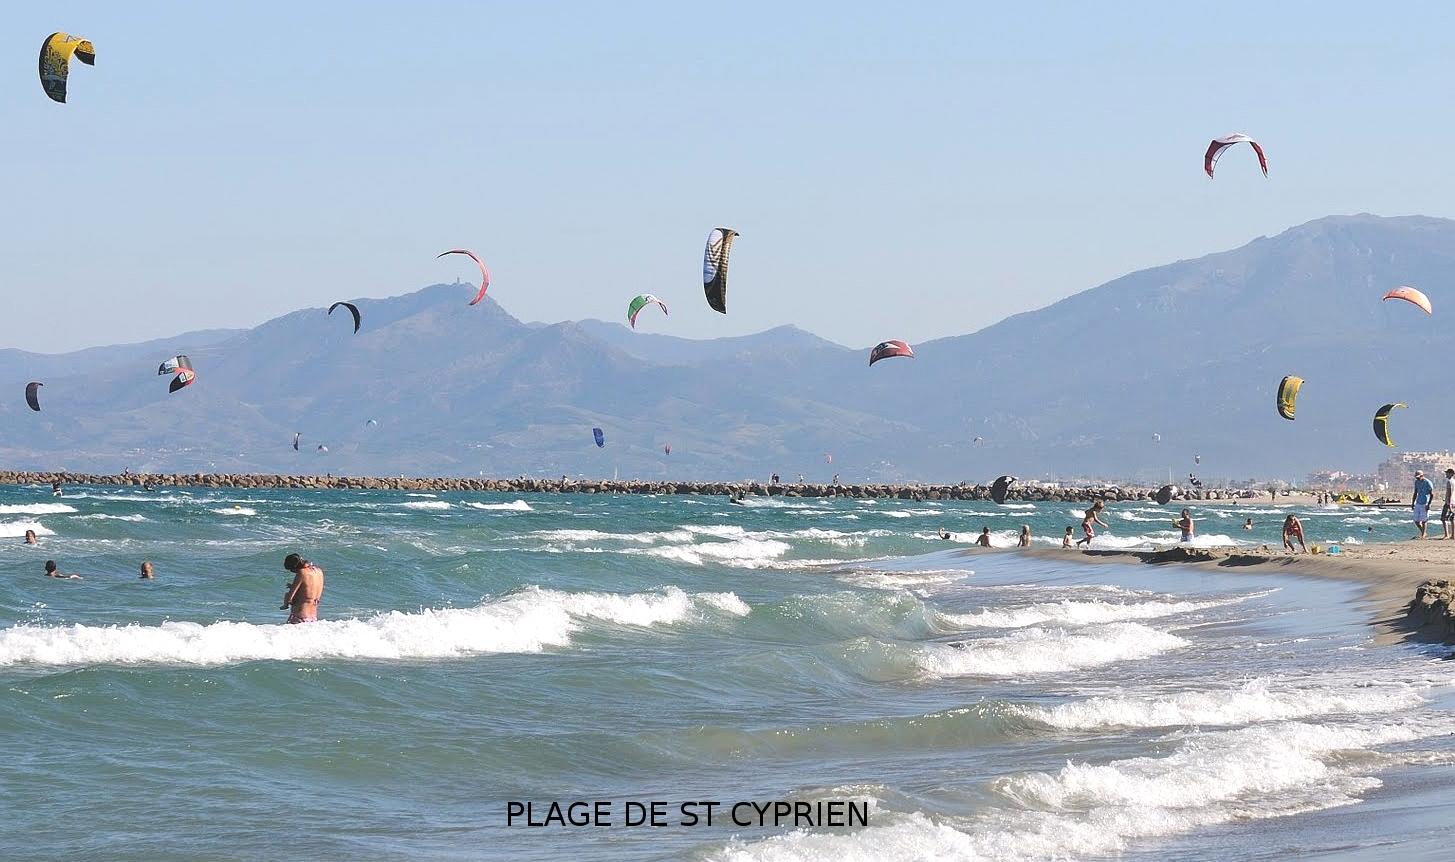 Pour les passionnés de Kite Surf